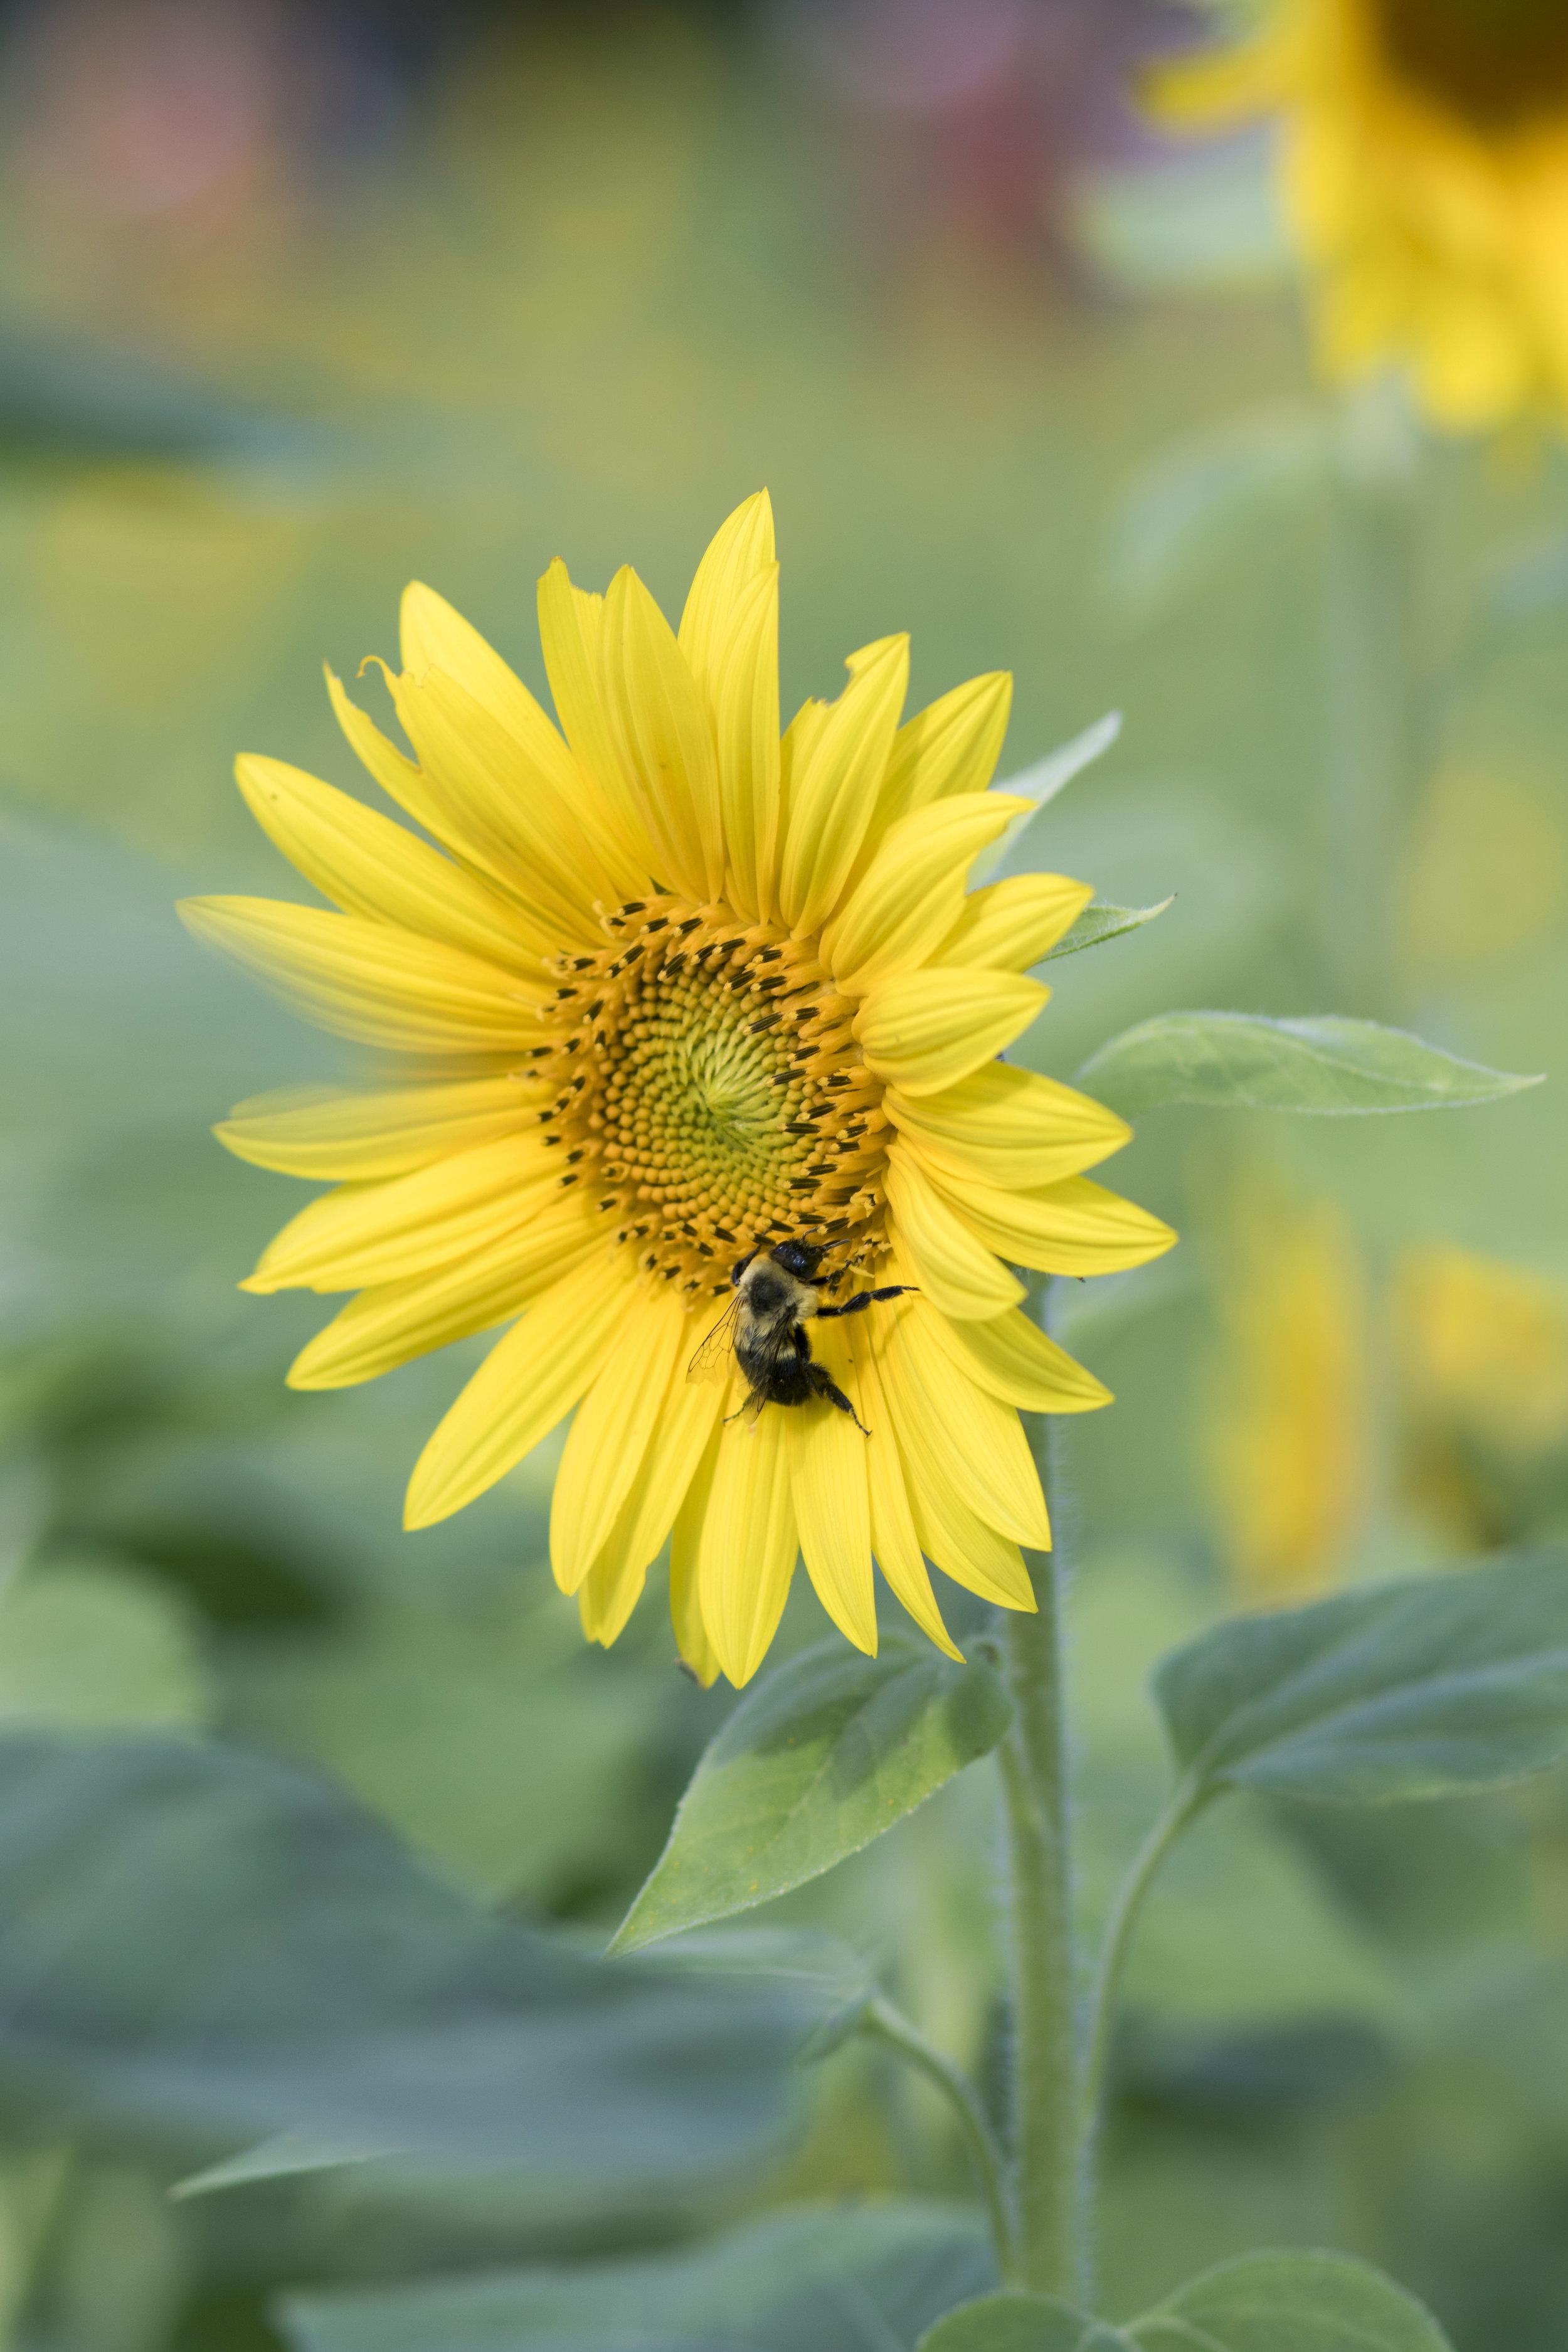 sunflower16.jpg